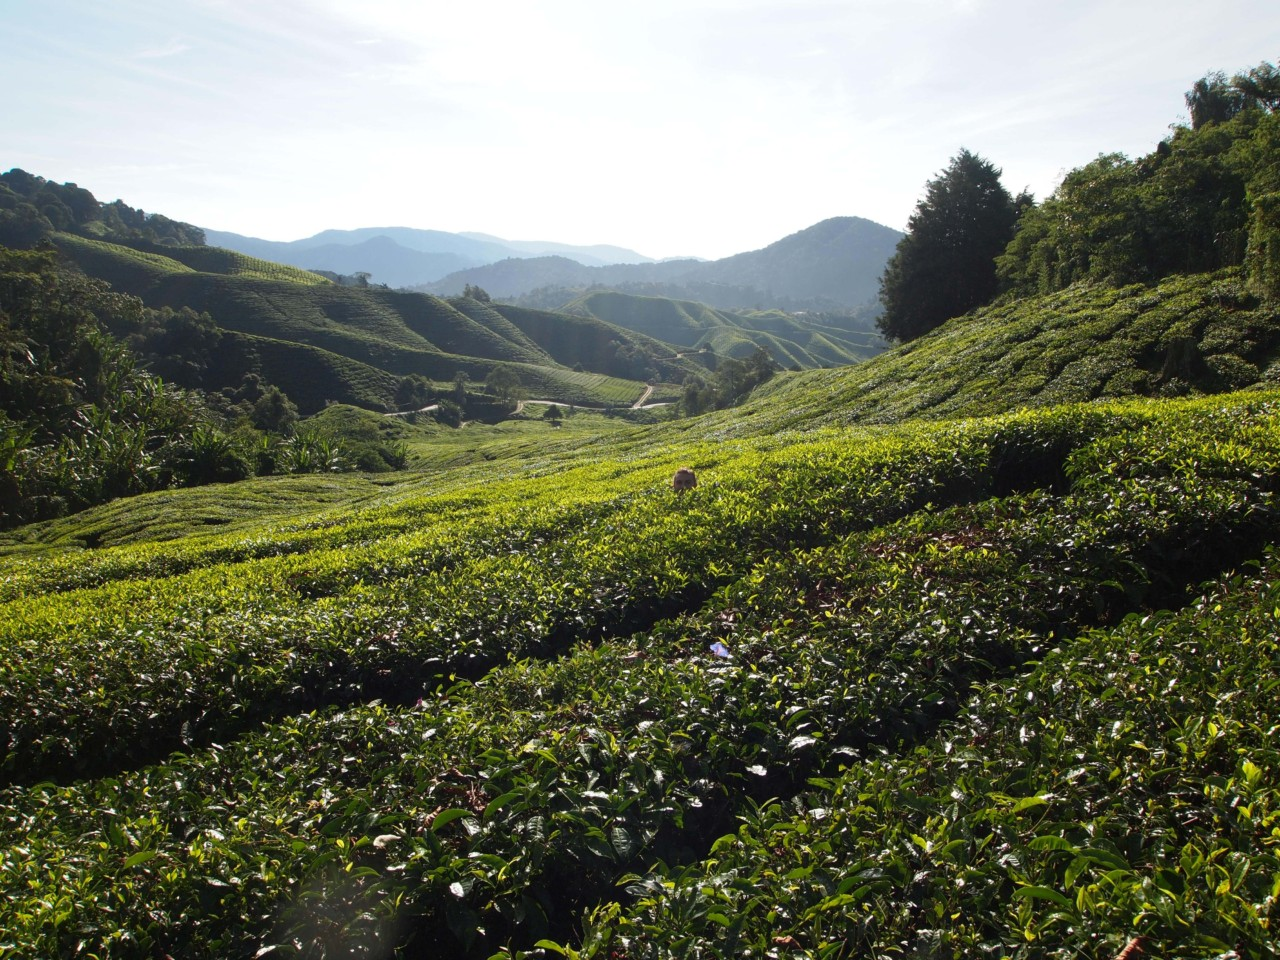 Eines der Teeplantagen. Gott, sind die groß :P